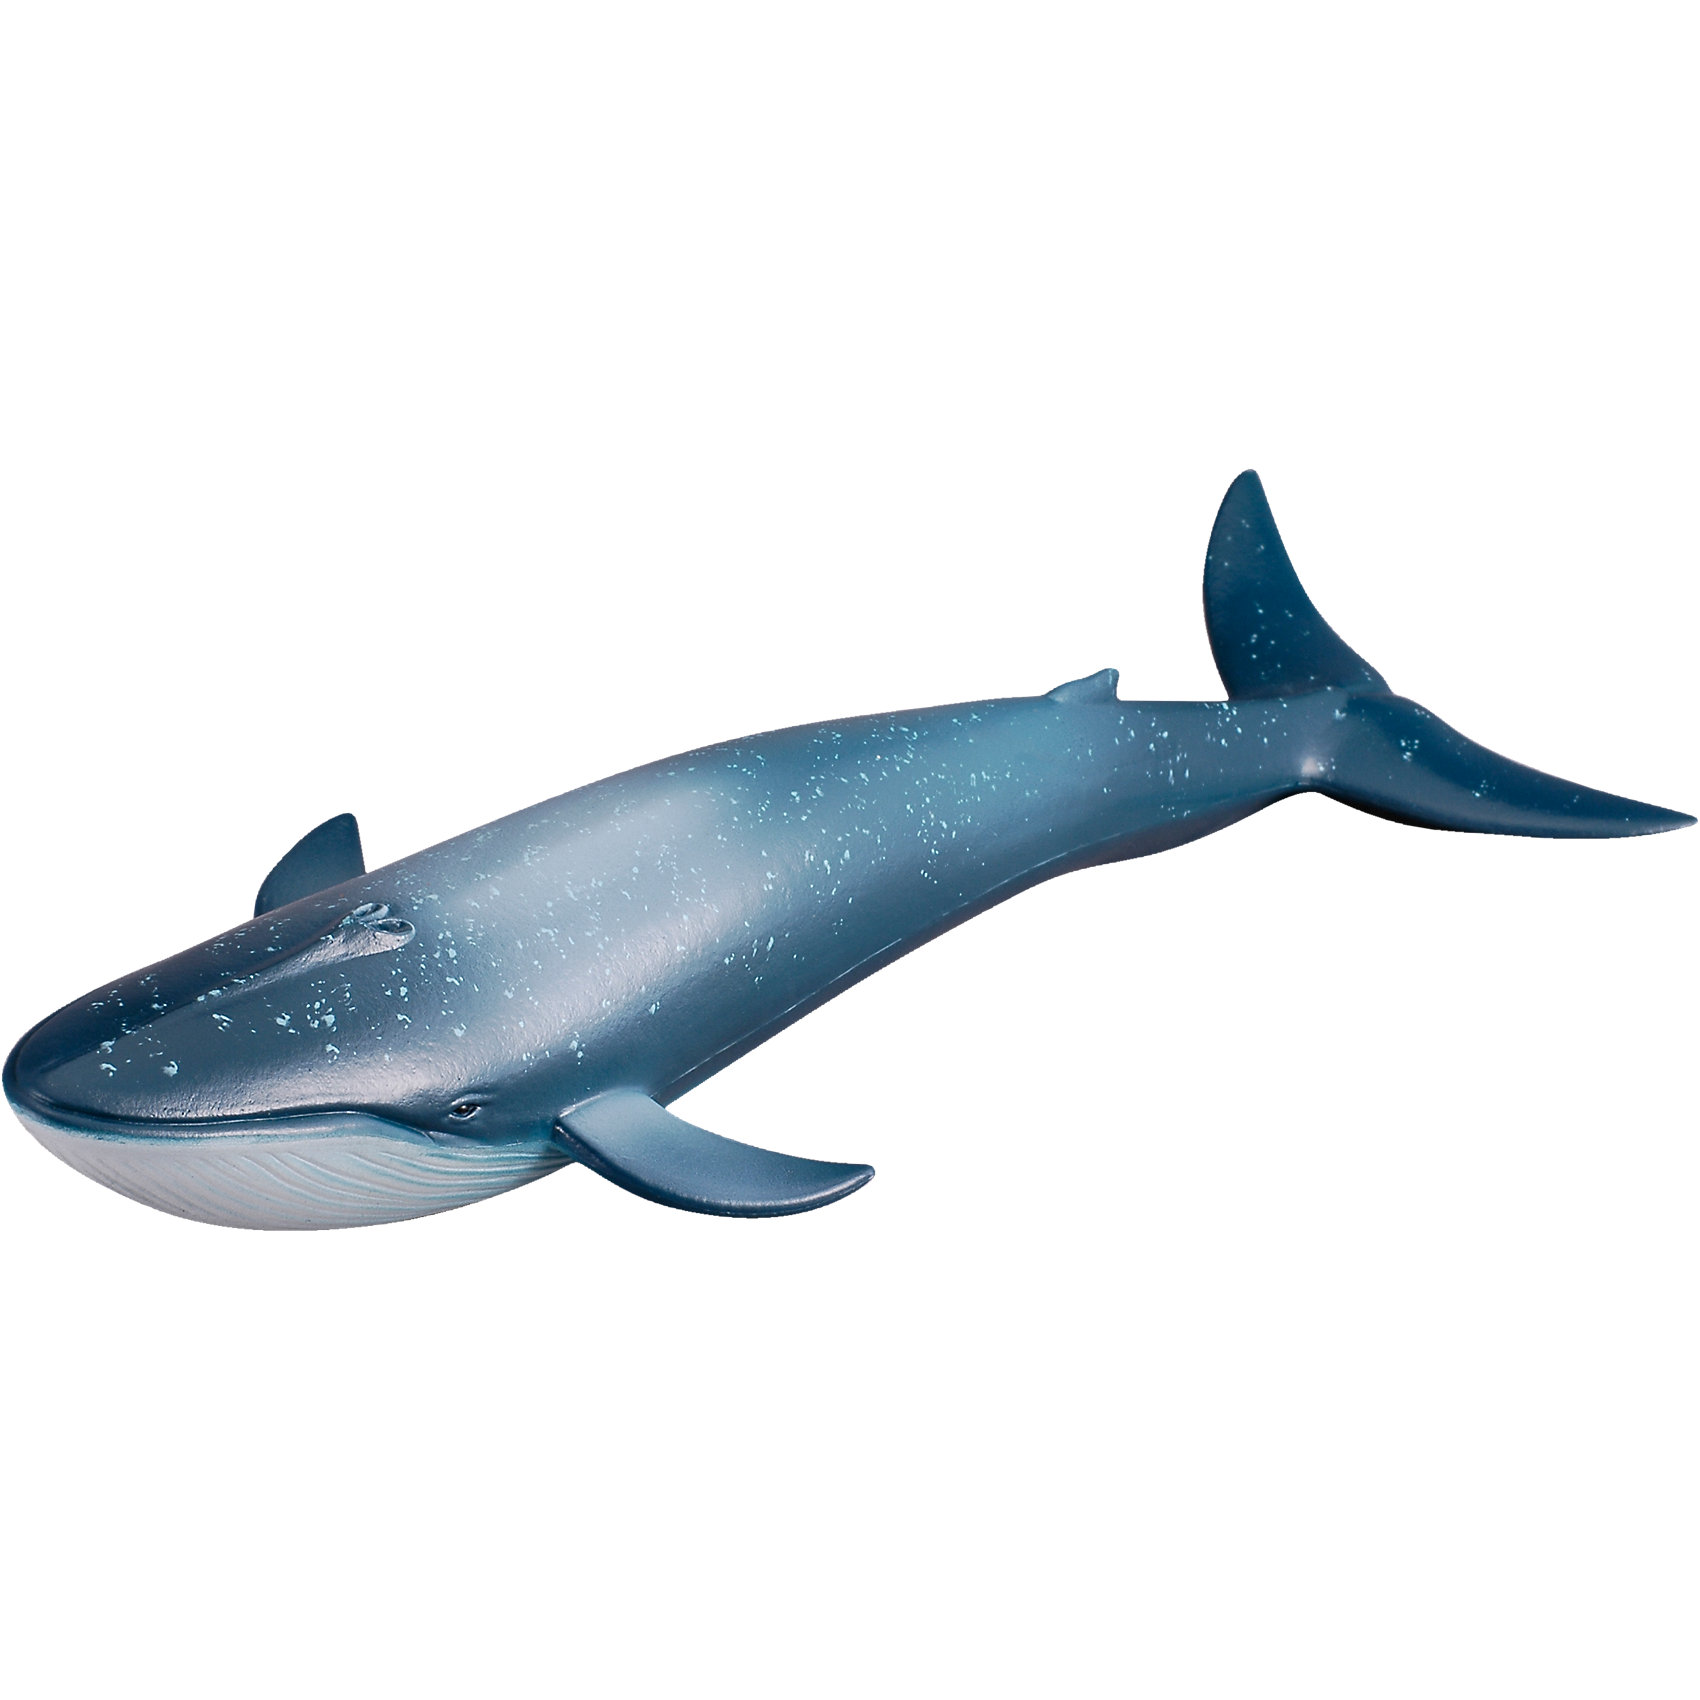 Голубой кит, XL  (22см), CollectaМир животных<br><br><br>Ширина мм: 200<br>Глубина мм: 10<br>Высота мм: 10<br>Вес г: 63<br>Возраст от месяцев: 36<br>Возраст до месяцев: 192<br>Пол: Унисекс<br>Возраст: Детский<br>SKU: 5534529